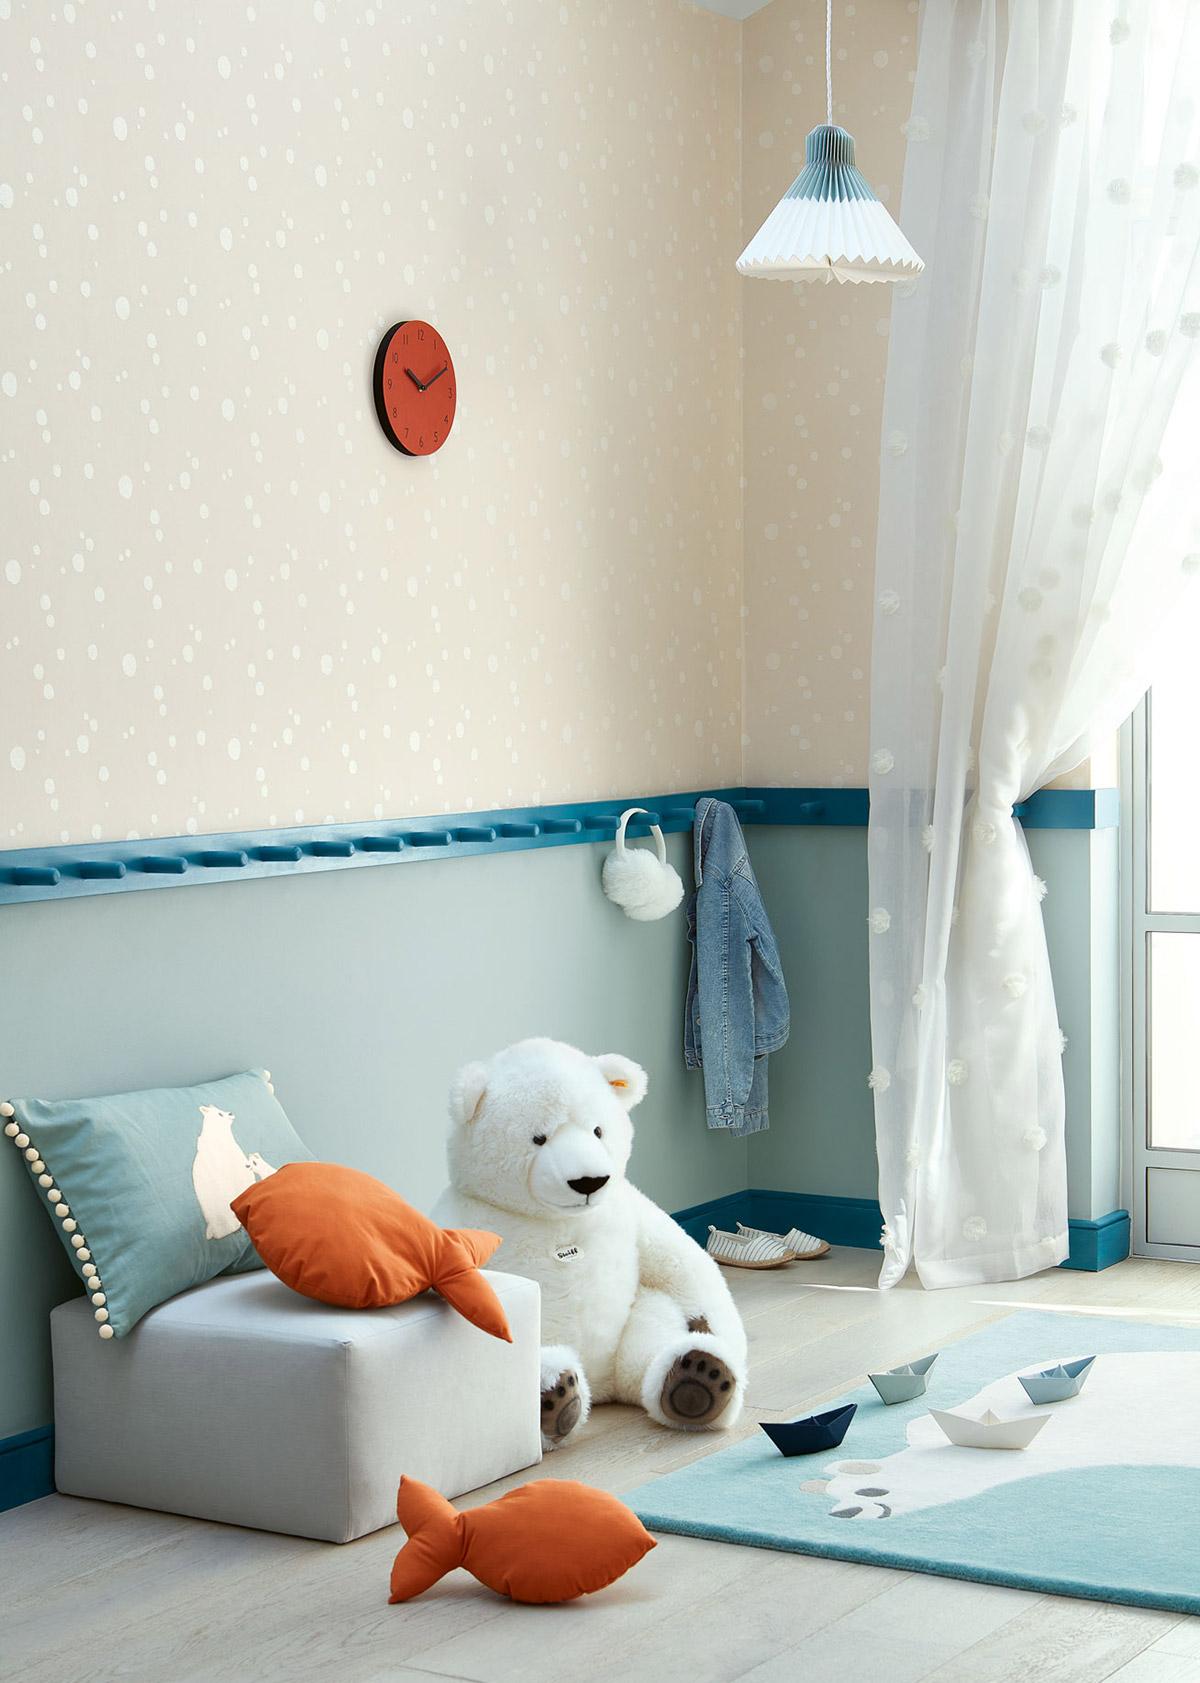 Tappeto per bambini orso polare Villanova Artic Bear ambientazione 4 AERREe